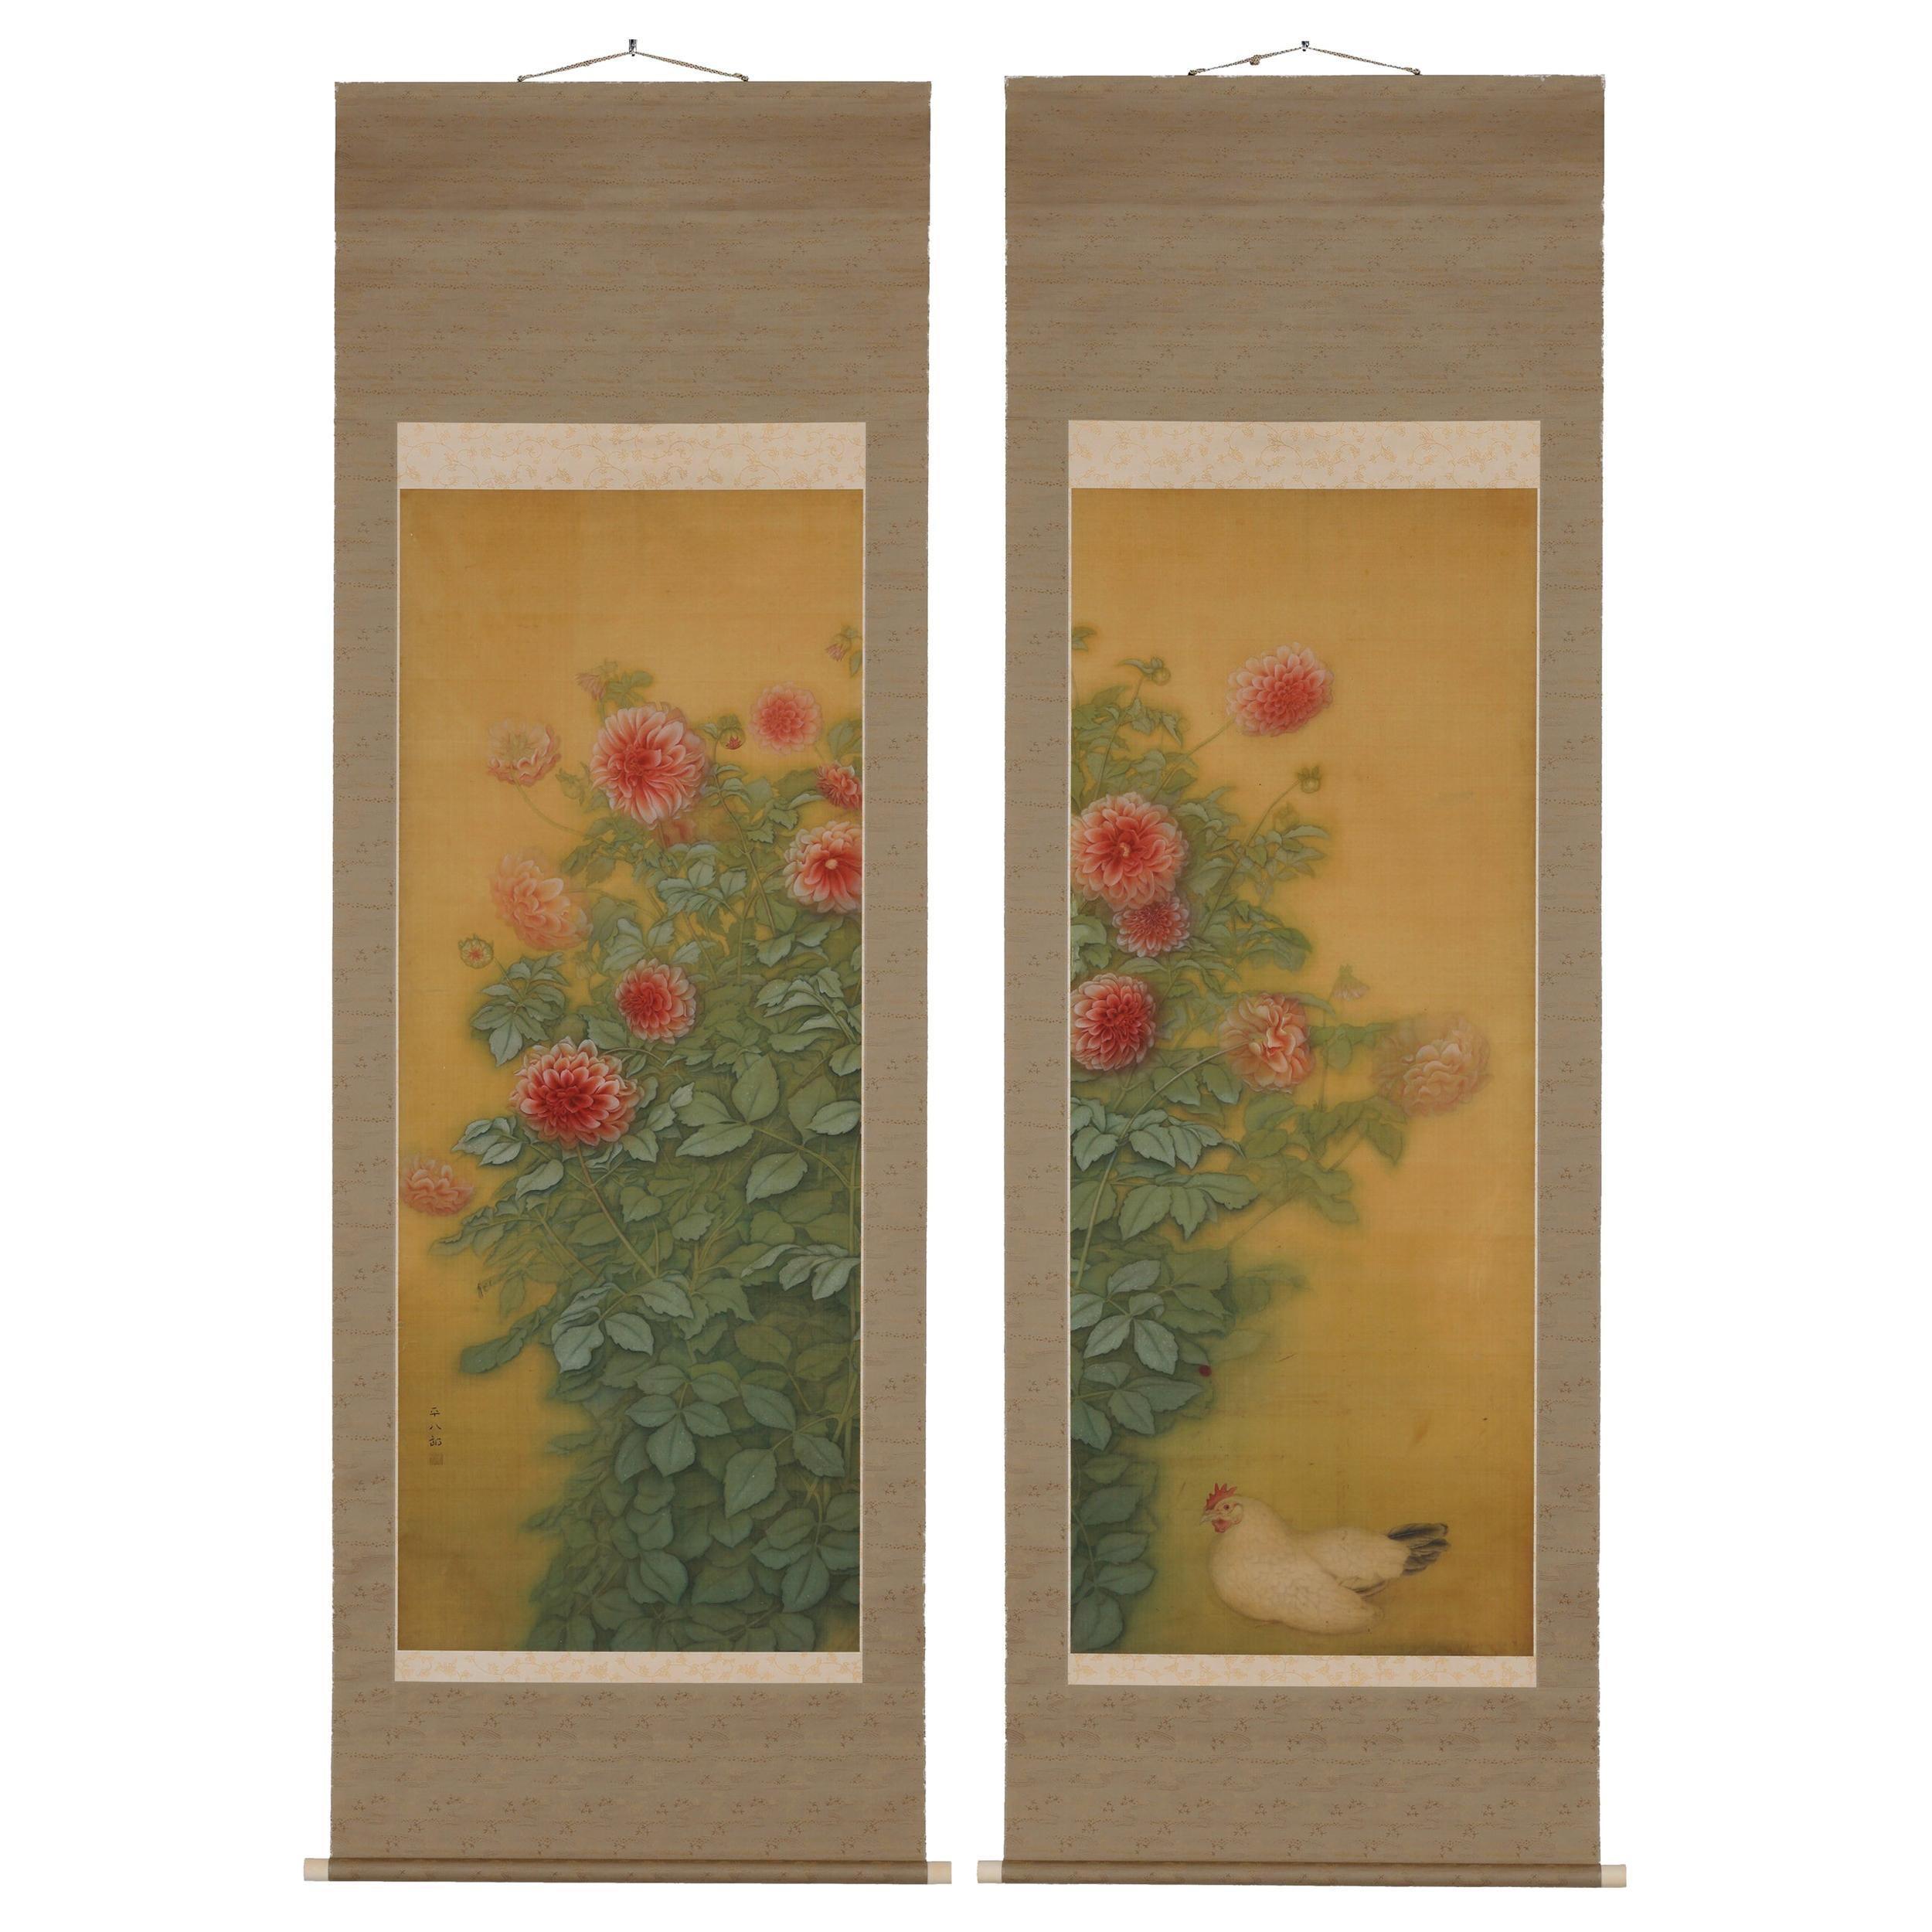 Exhibited 1923 Japanese Scroll, Pair, Dahlias, Taisho Period Painting